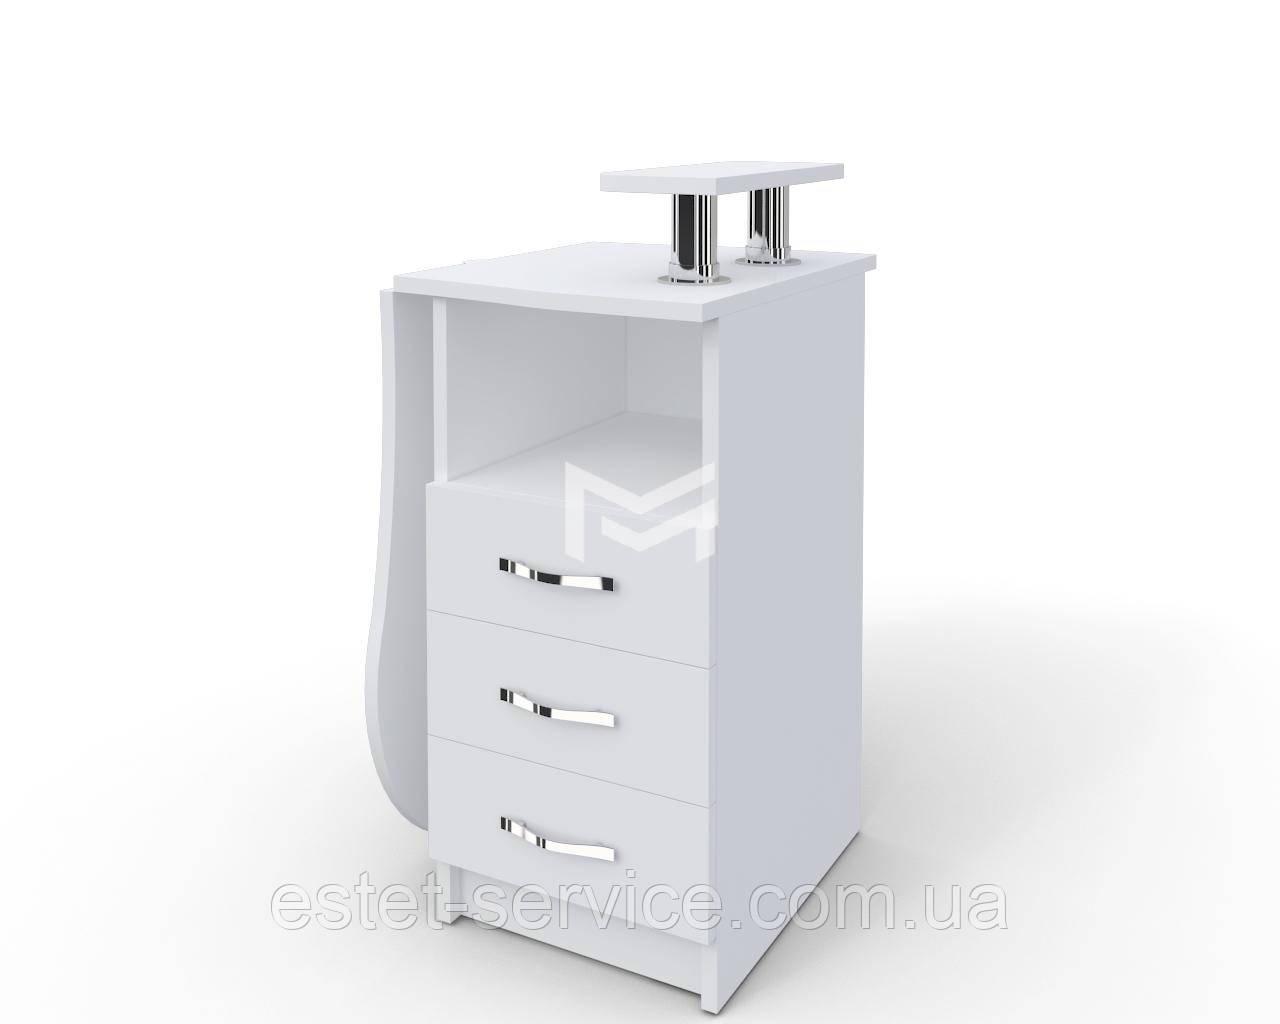 Стол для маникюра Естет компакт №2 со складывающейся столешницей М102K